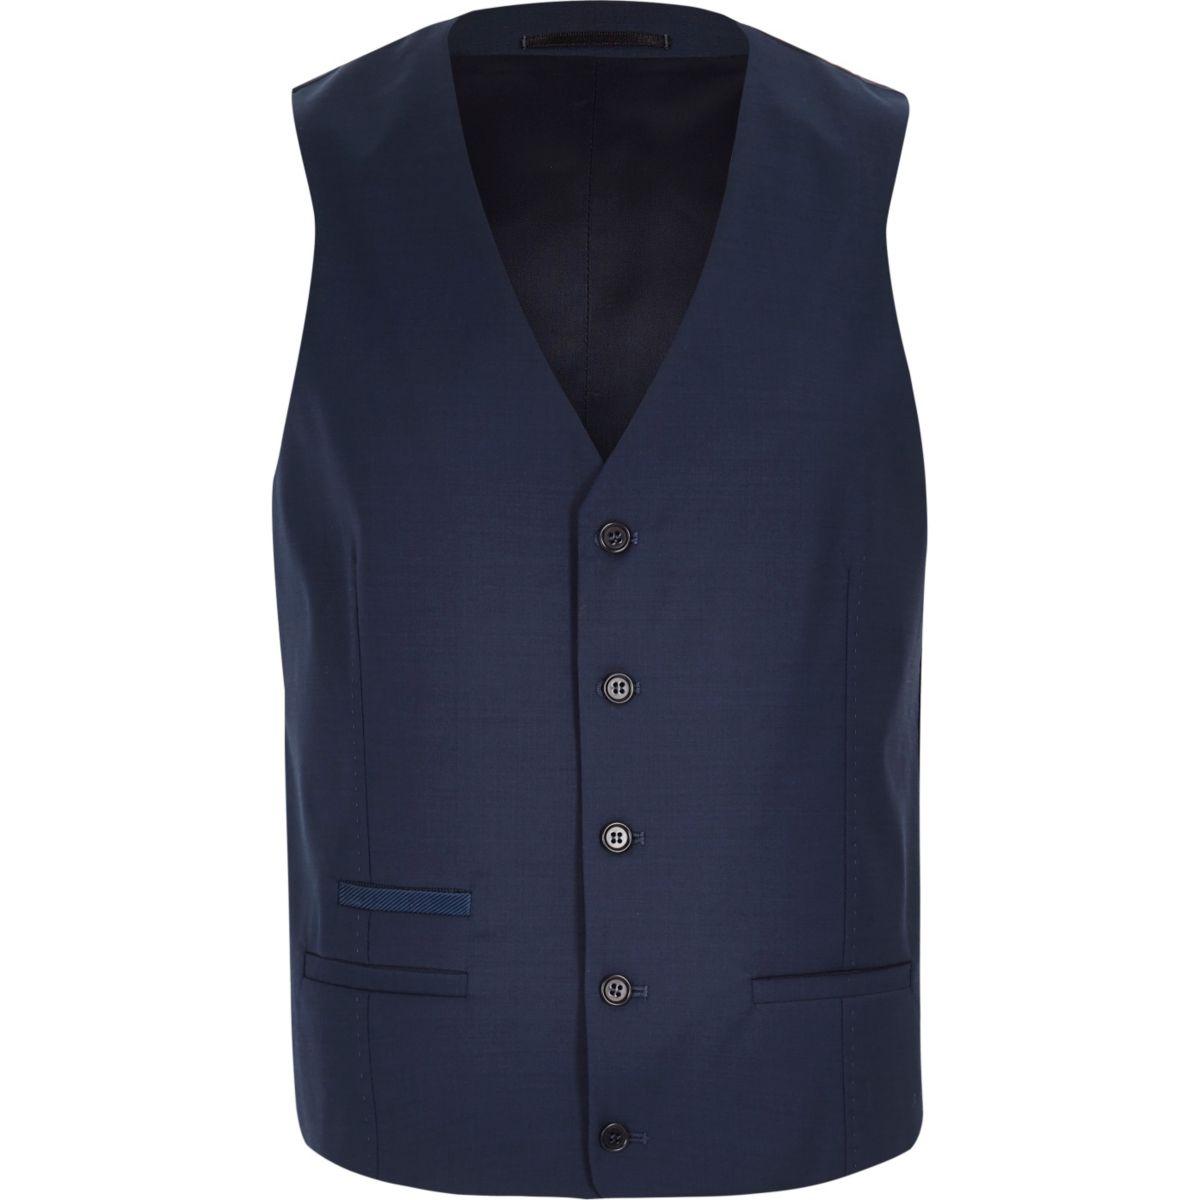 Gilet habillé en laine mélangée bleue